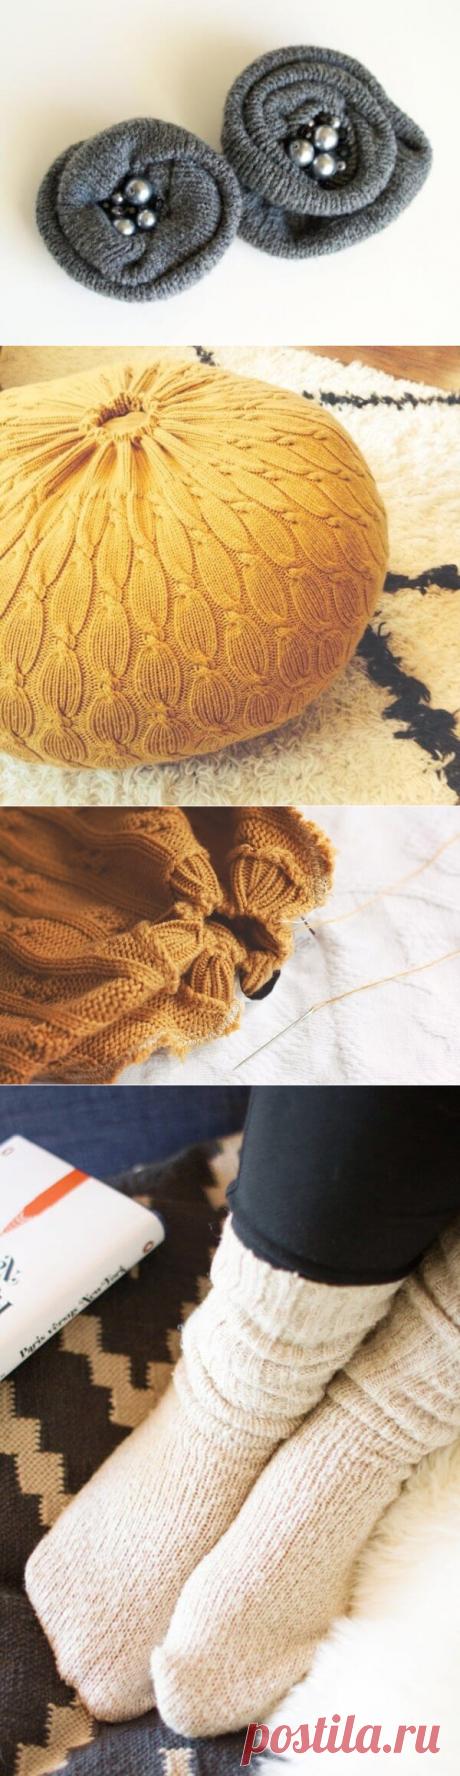 5 новых вещей, которые можно сделать из старого свитера   Тысяча и одна идея